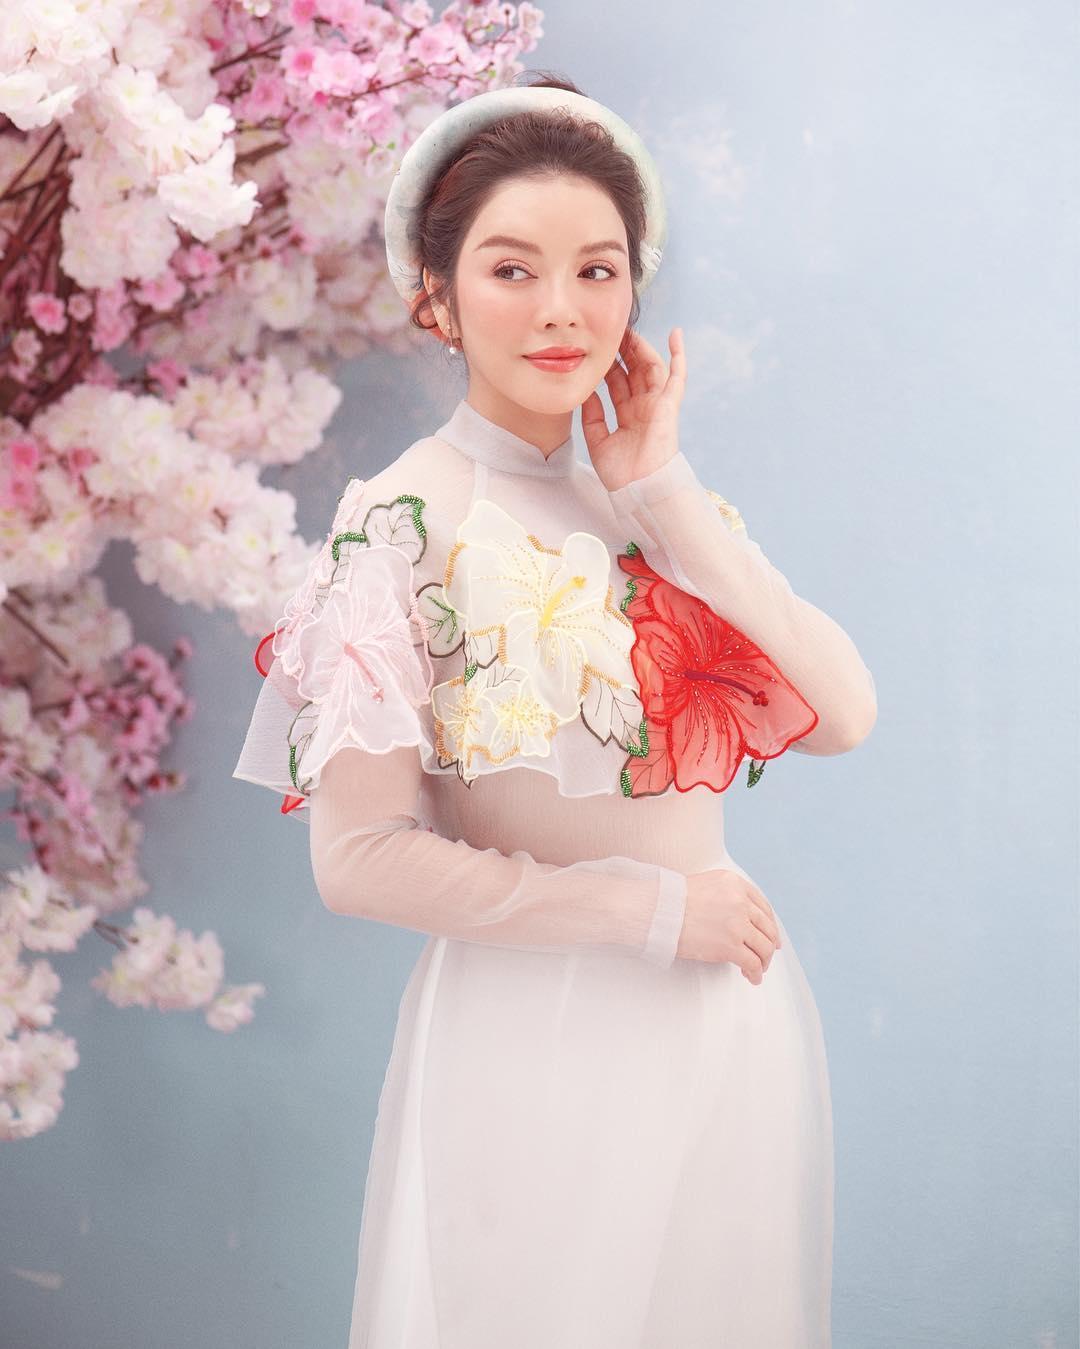 Lý Nhã Kỳ mặc áo dài trắng của NTK Thủy Nguyễn